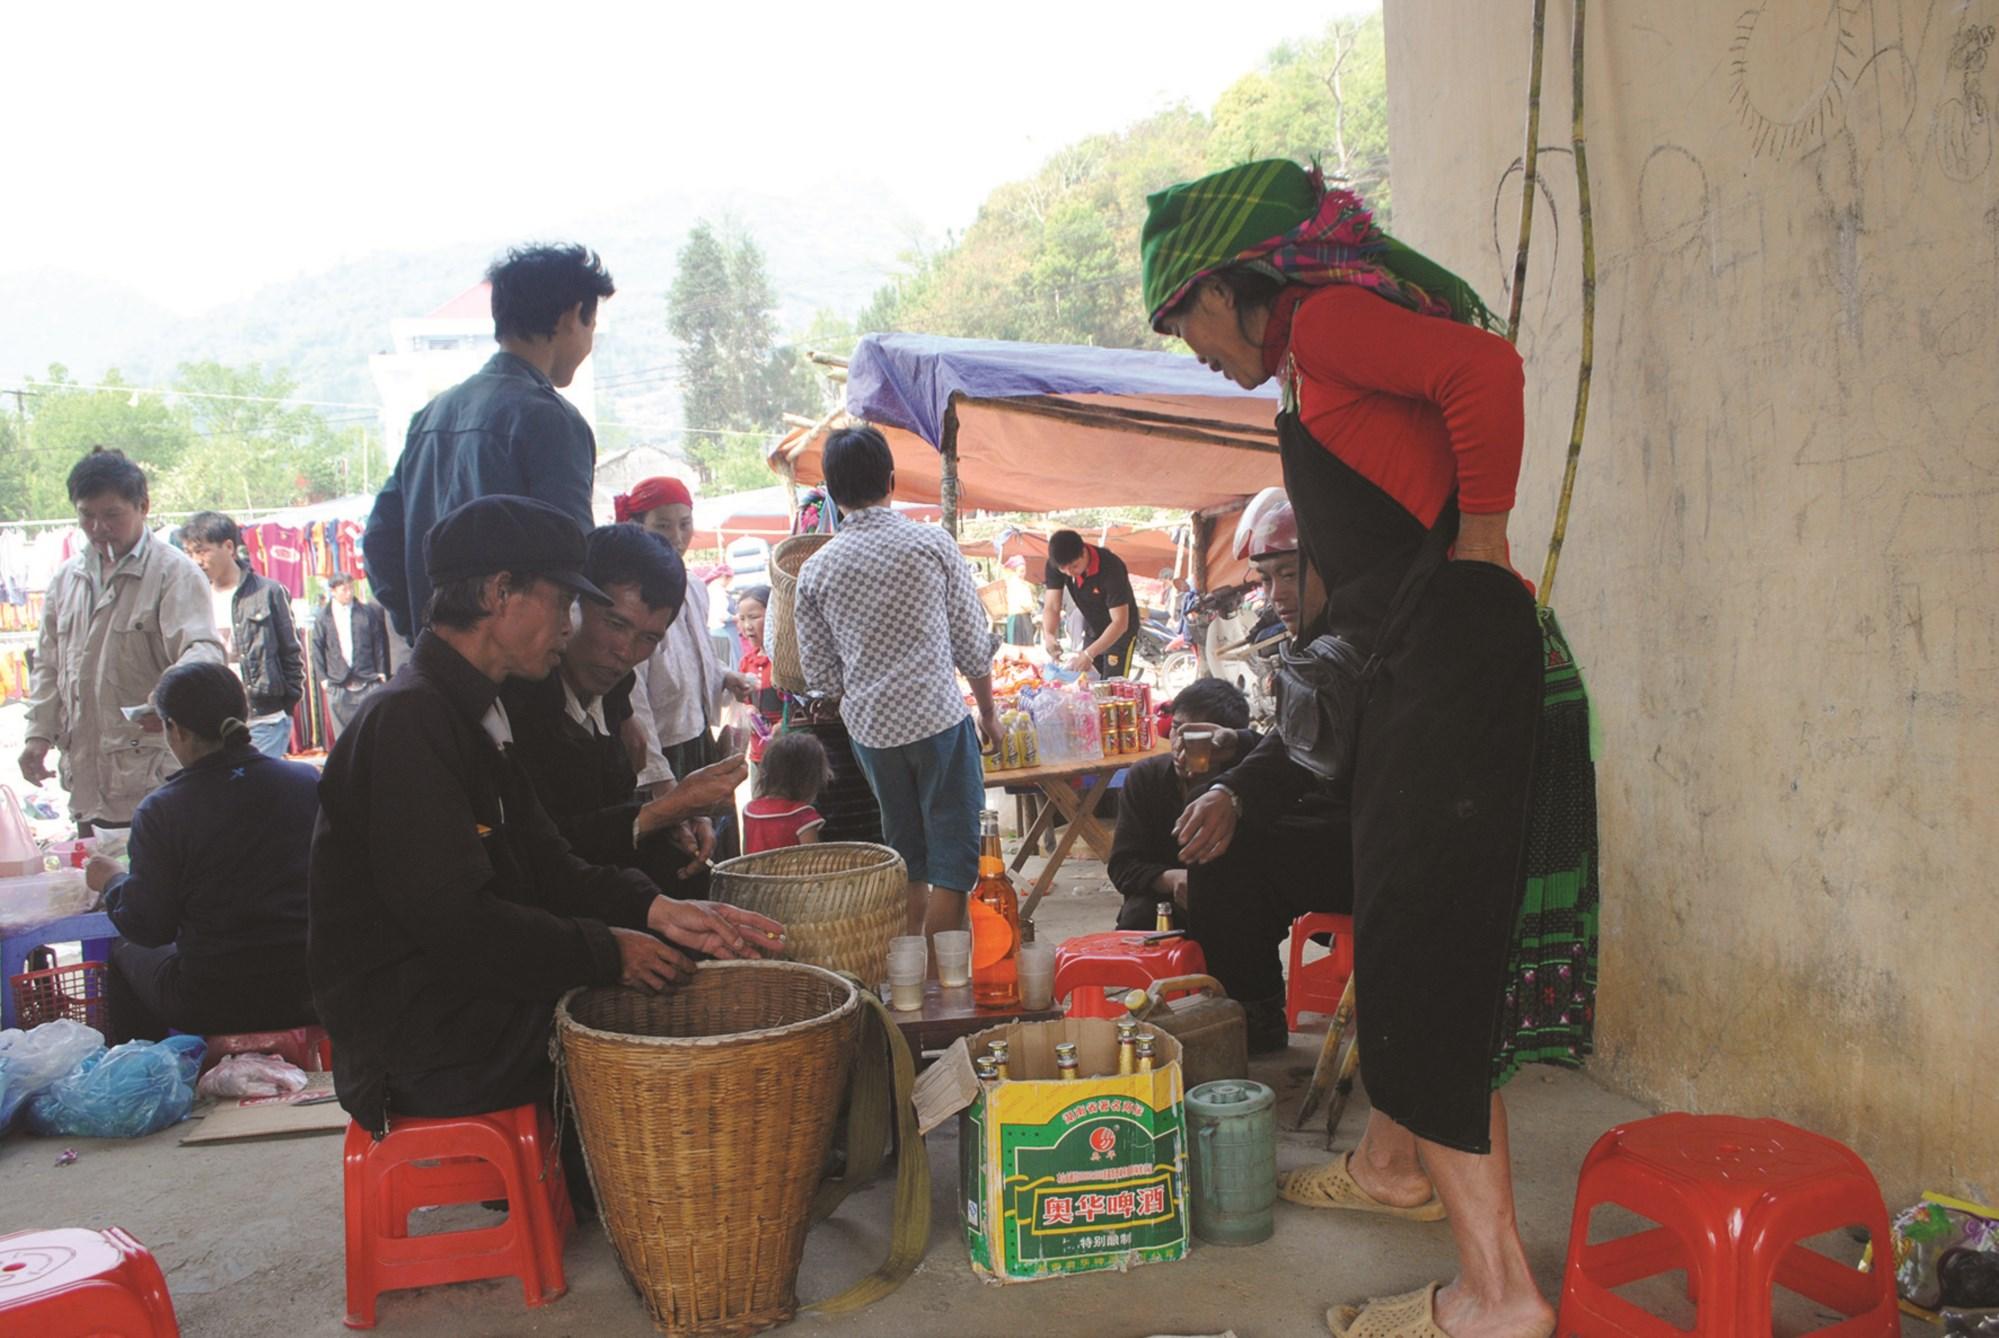 Tình trạng uống rượu, bia vẫn còn phổ biến ở vùng DTTS và miền núi.